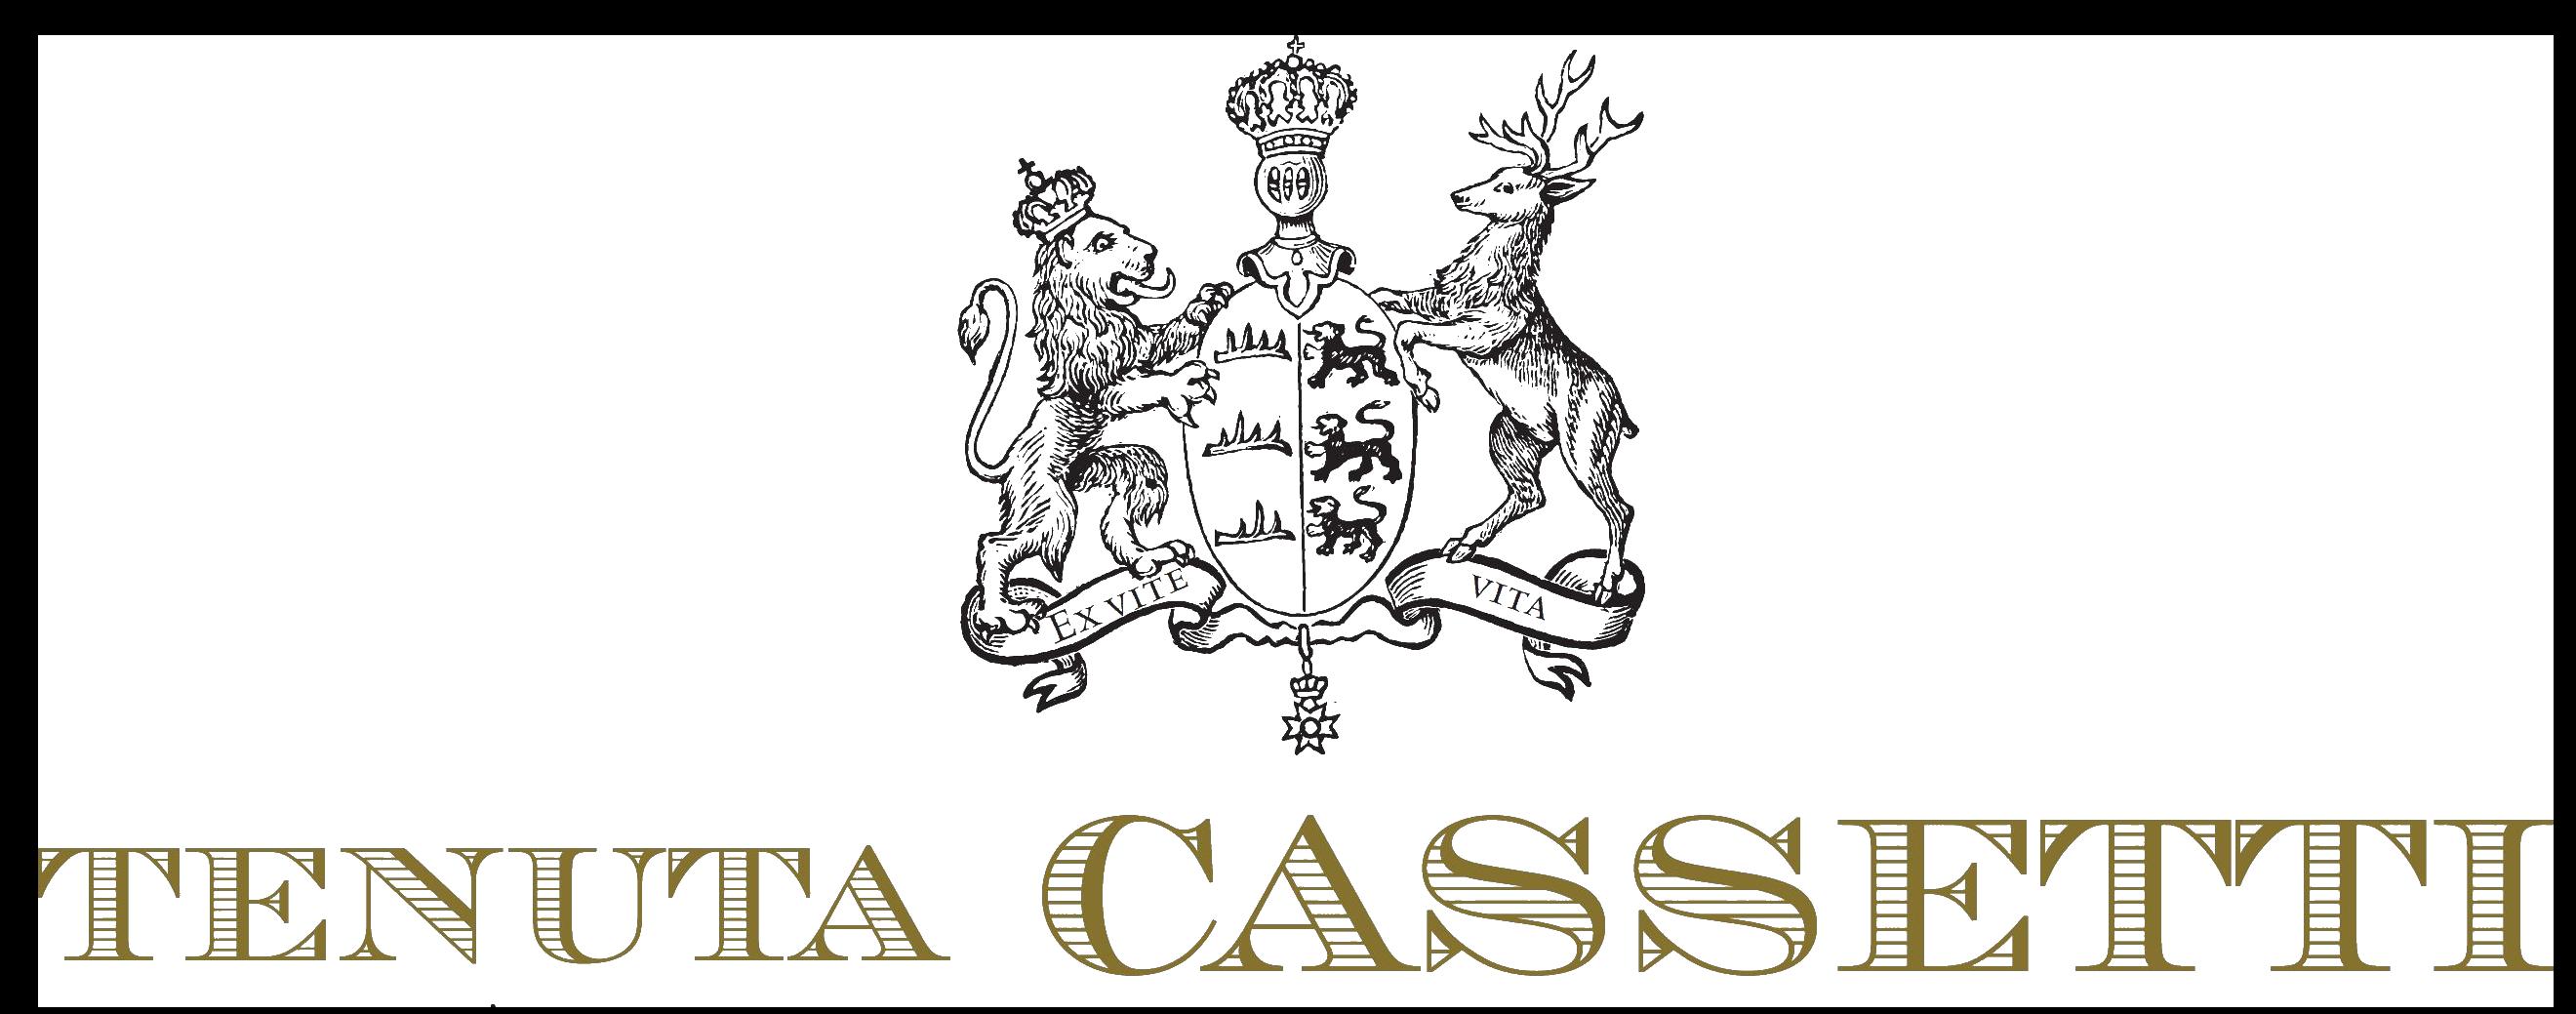 Tenuta Cassetti